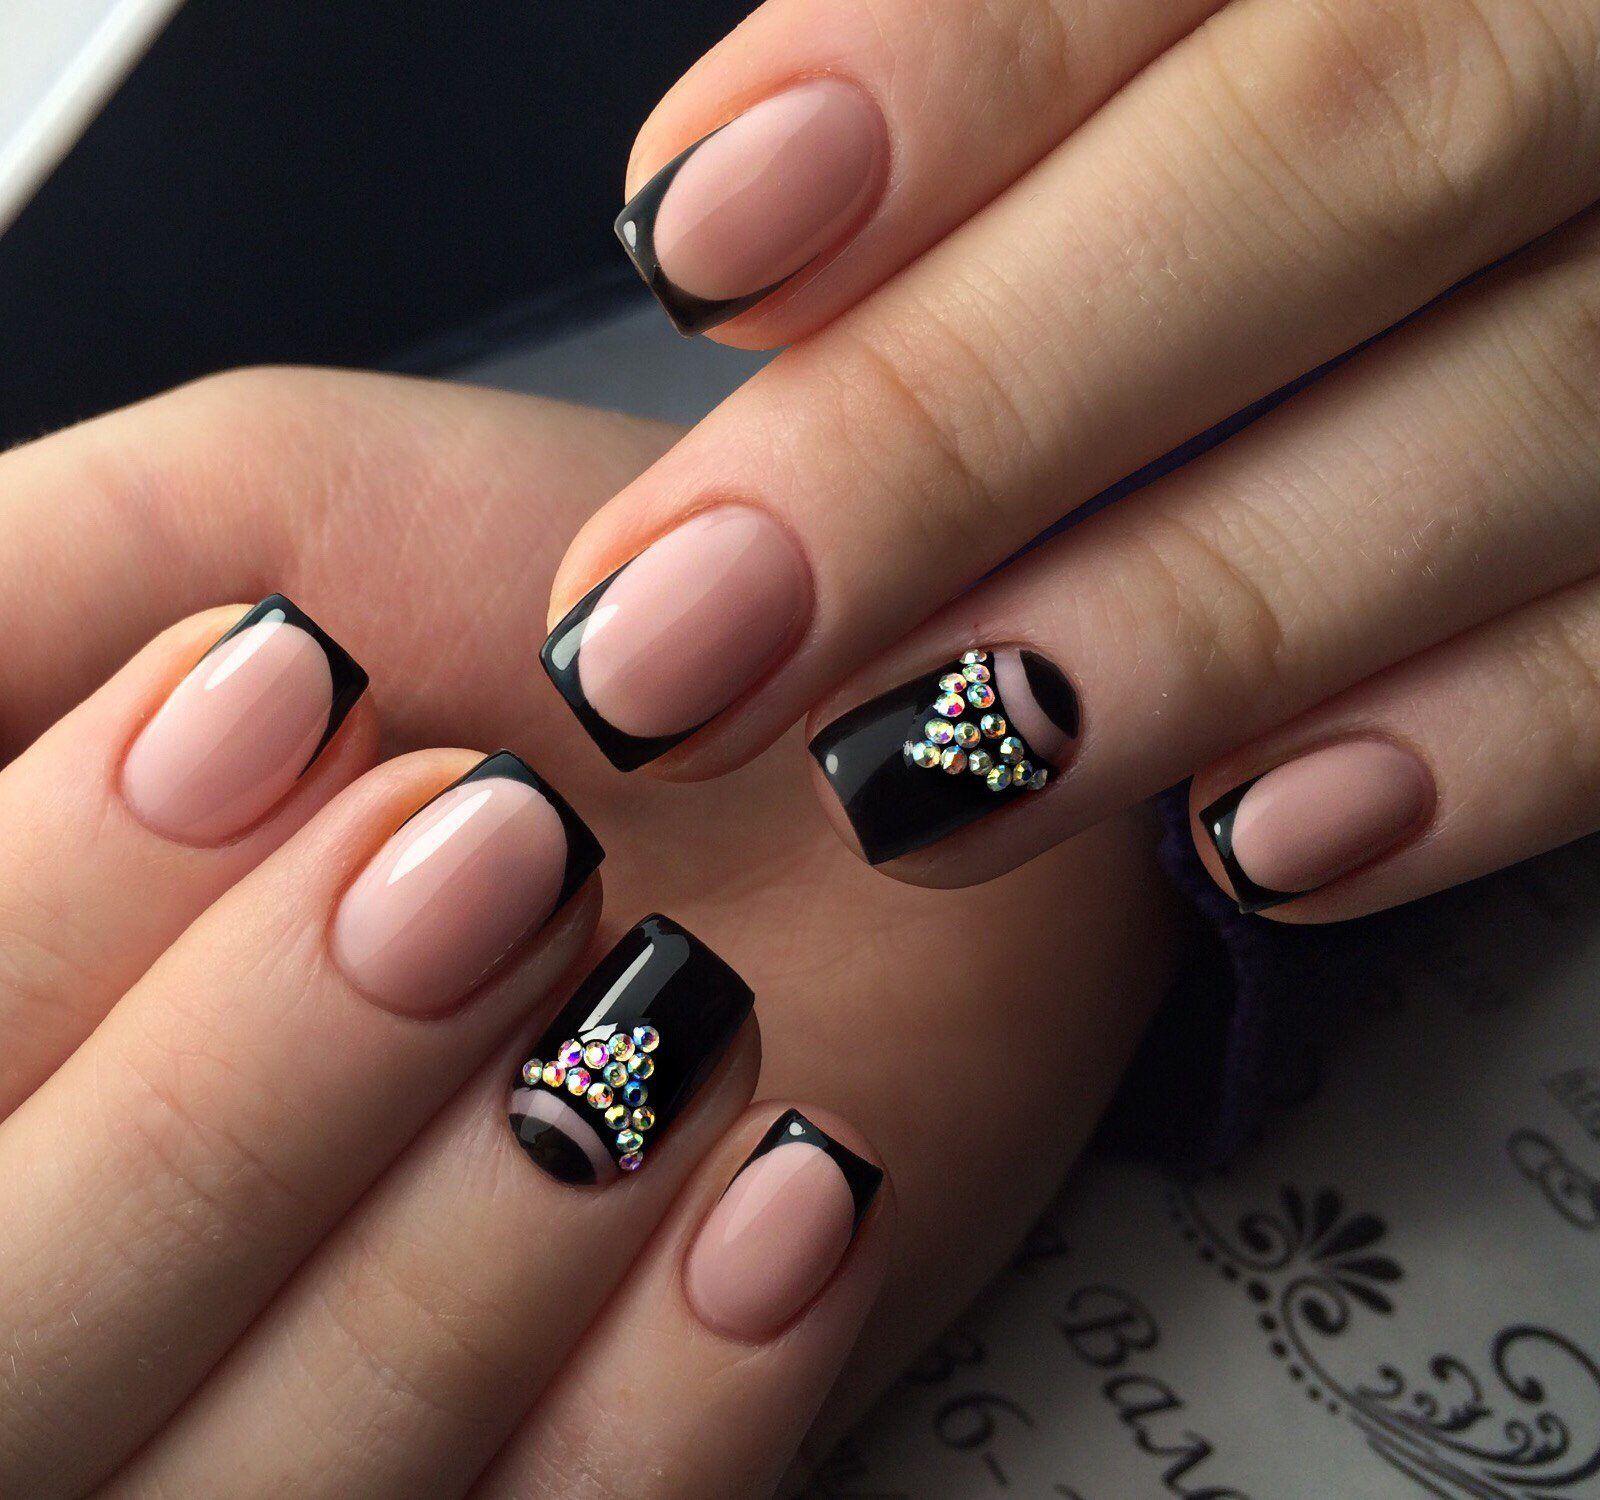 Квадратные нарощенные ногти: фото дизайнов 2014 | 1500x1600